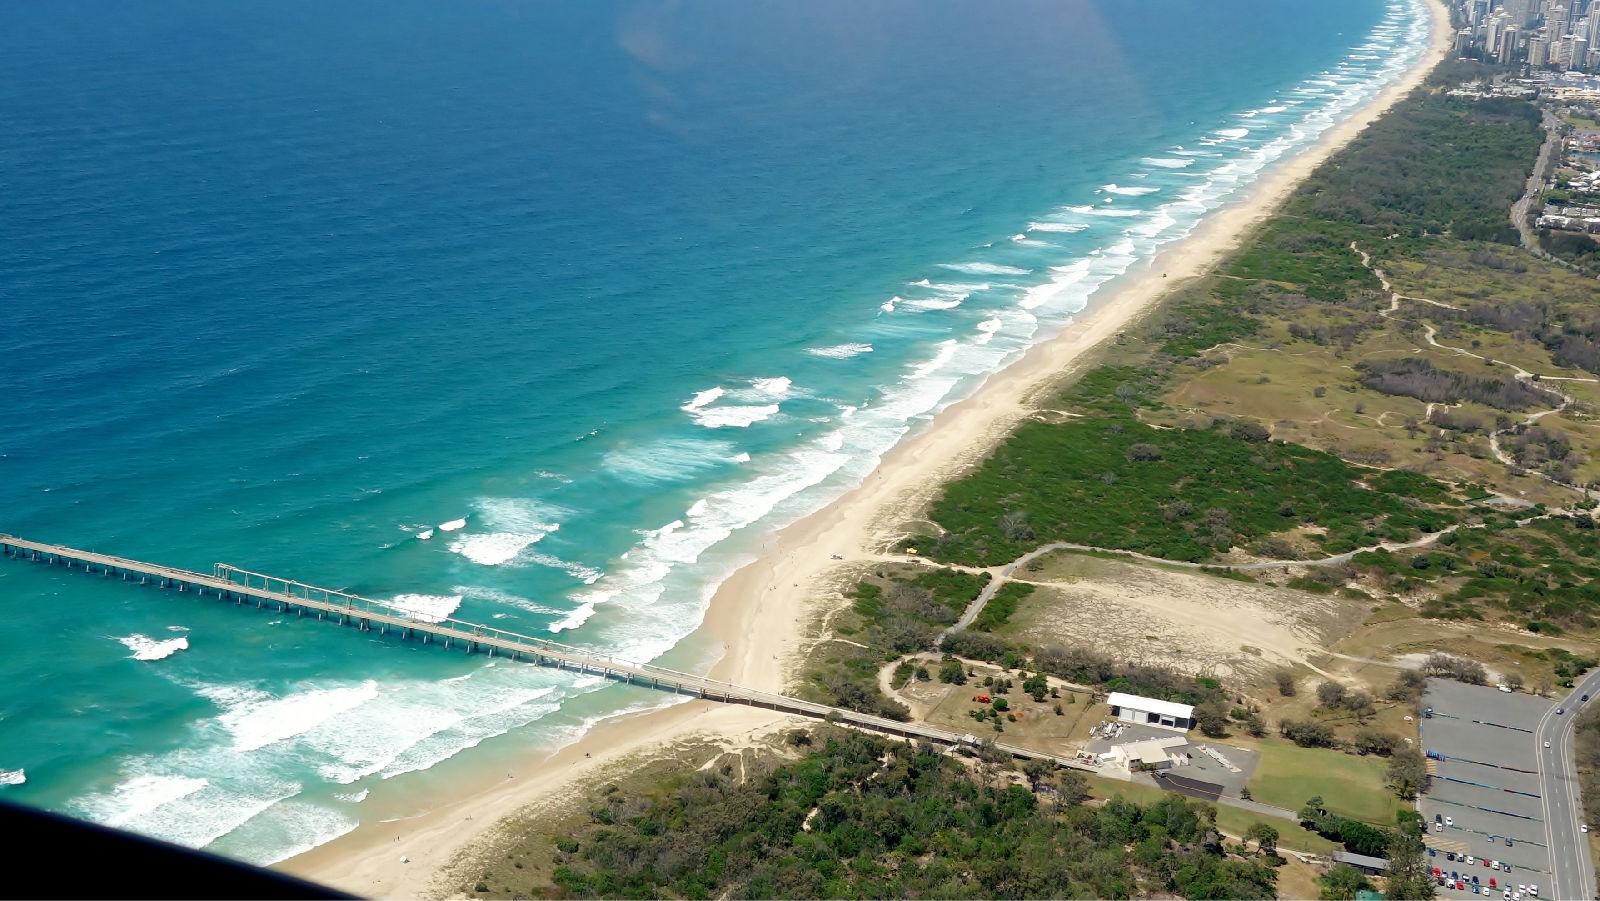 澳大利亚旅游攻略图片129